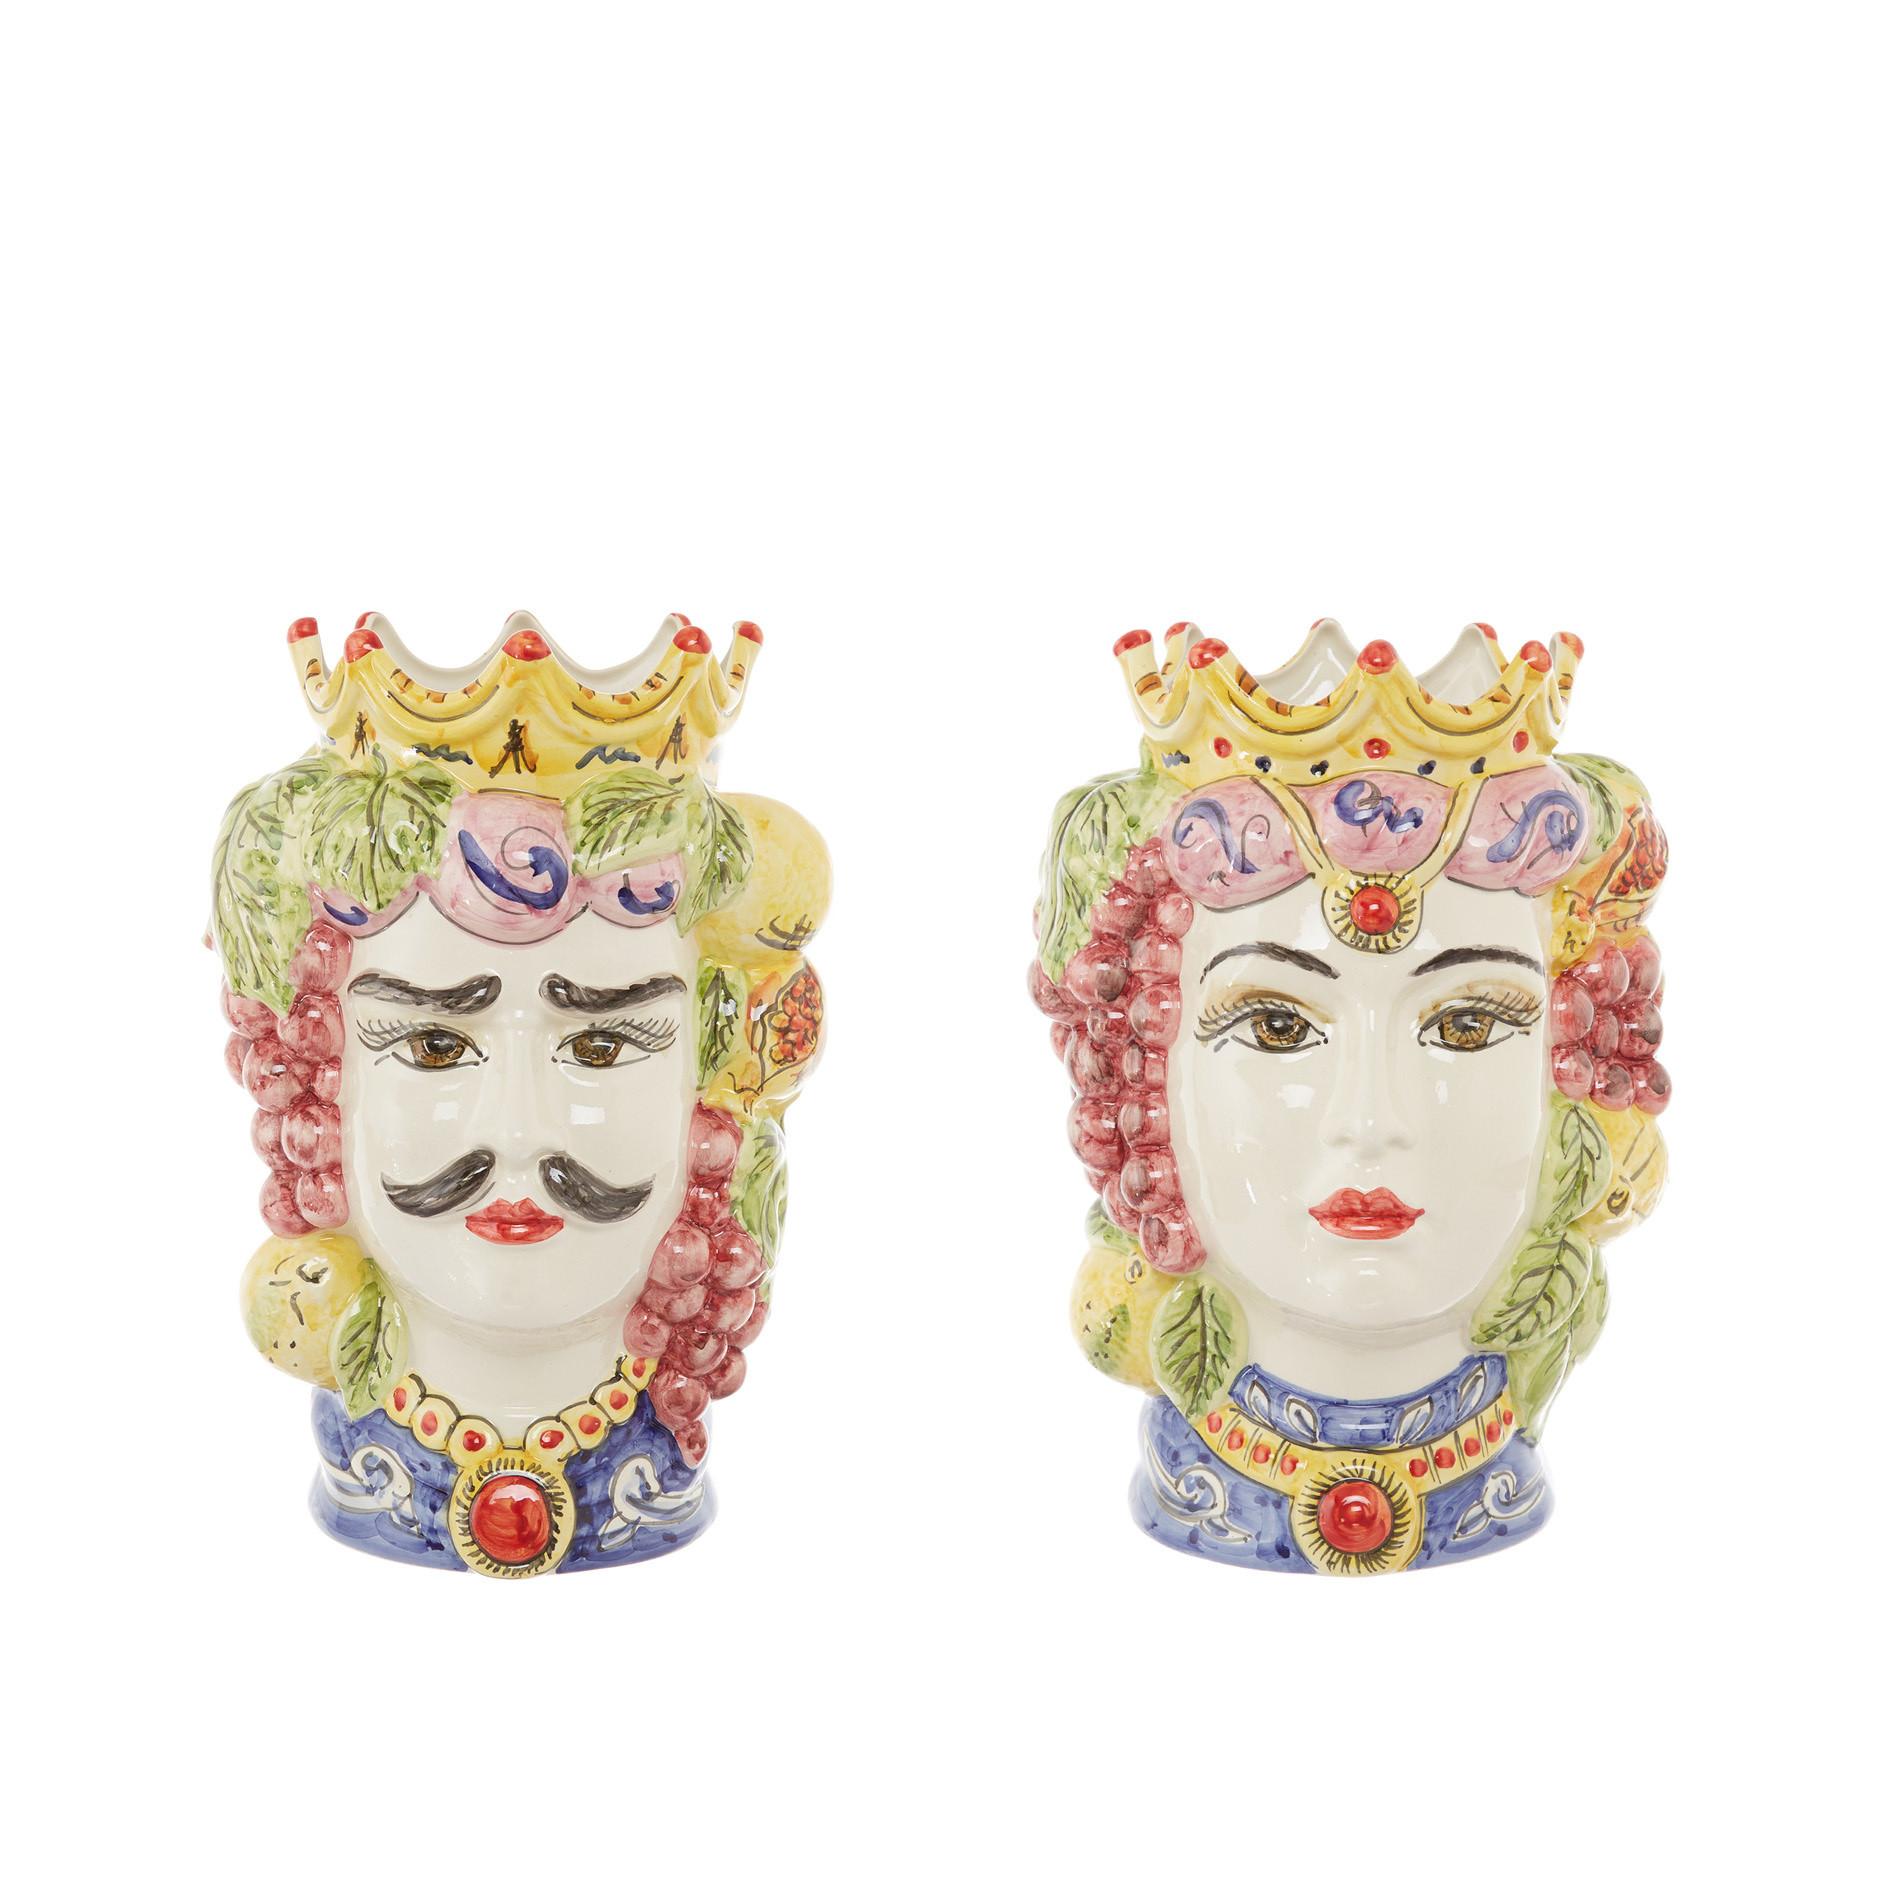 Testa di moro tradizionale by Ceramiche Siciliane Ruggeri, Multicolor, large image number 6